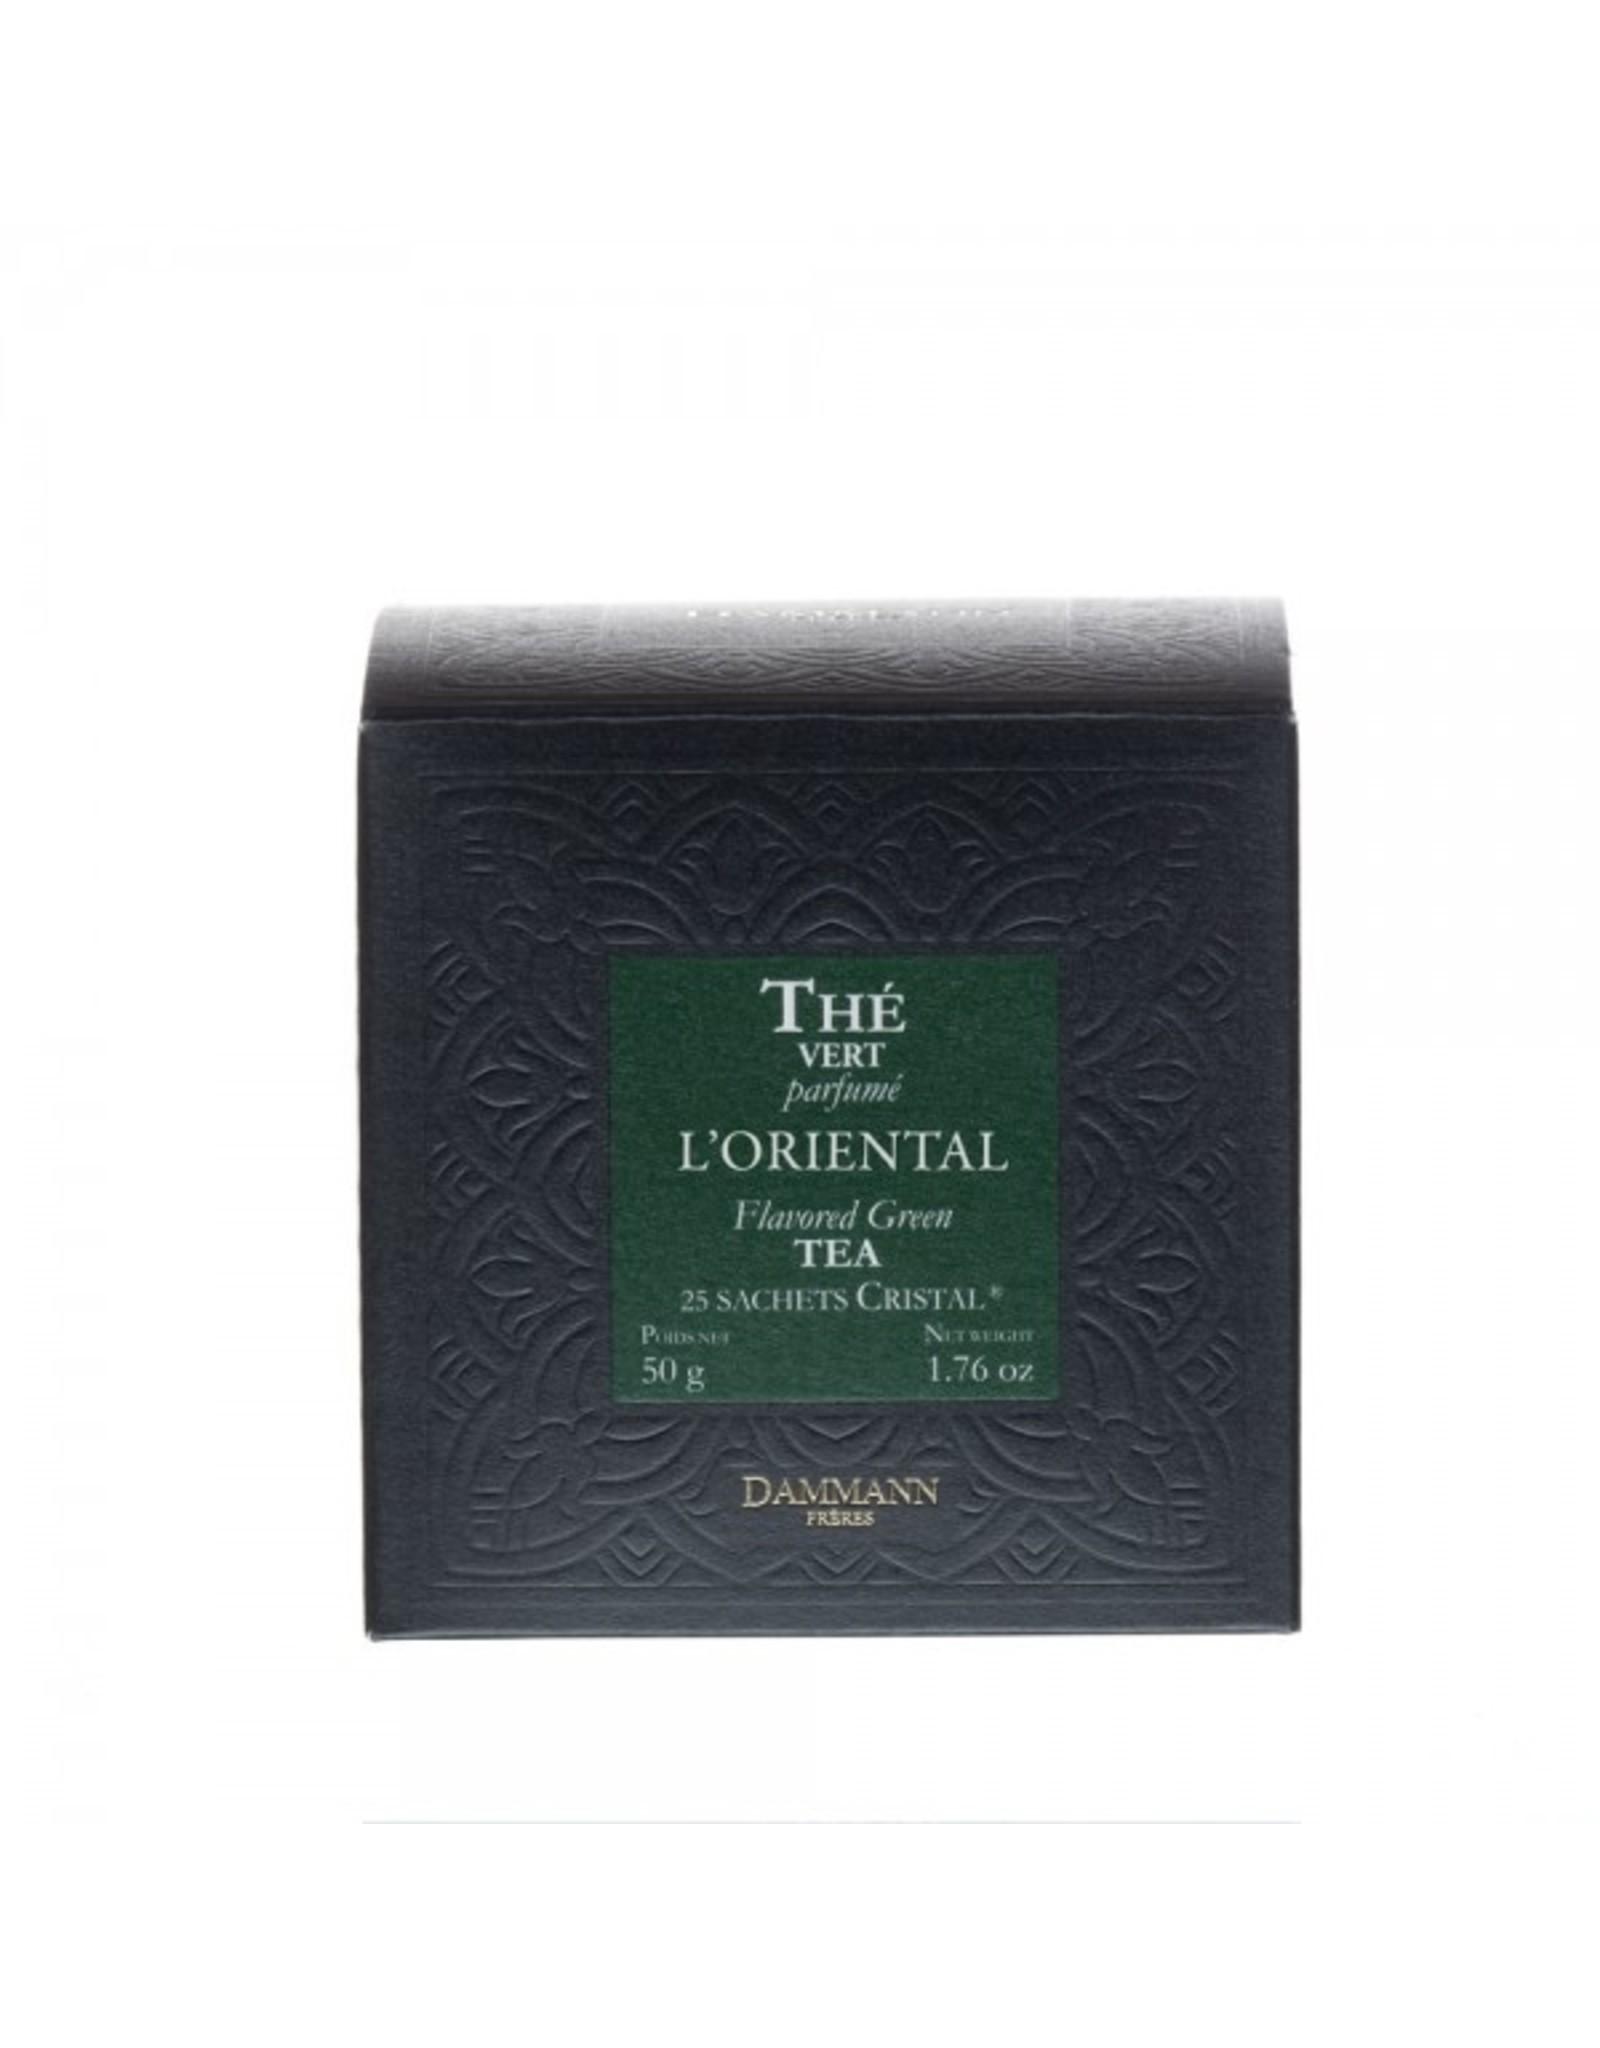 Dammann 'L'Oriëntal' Flavoured Green tea